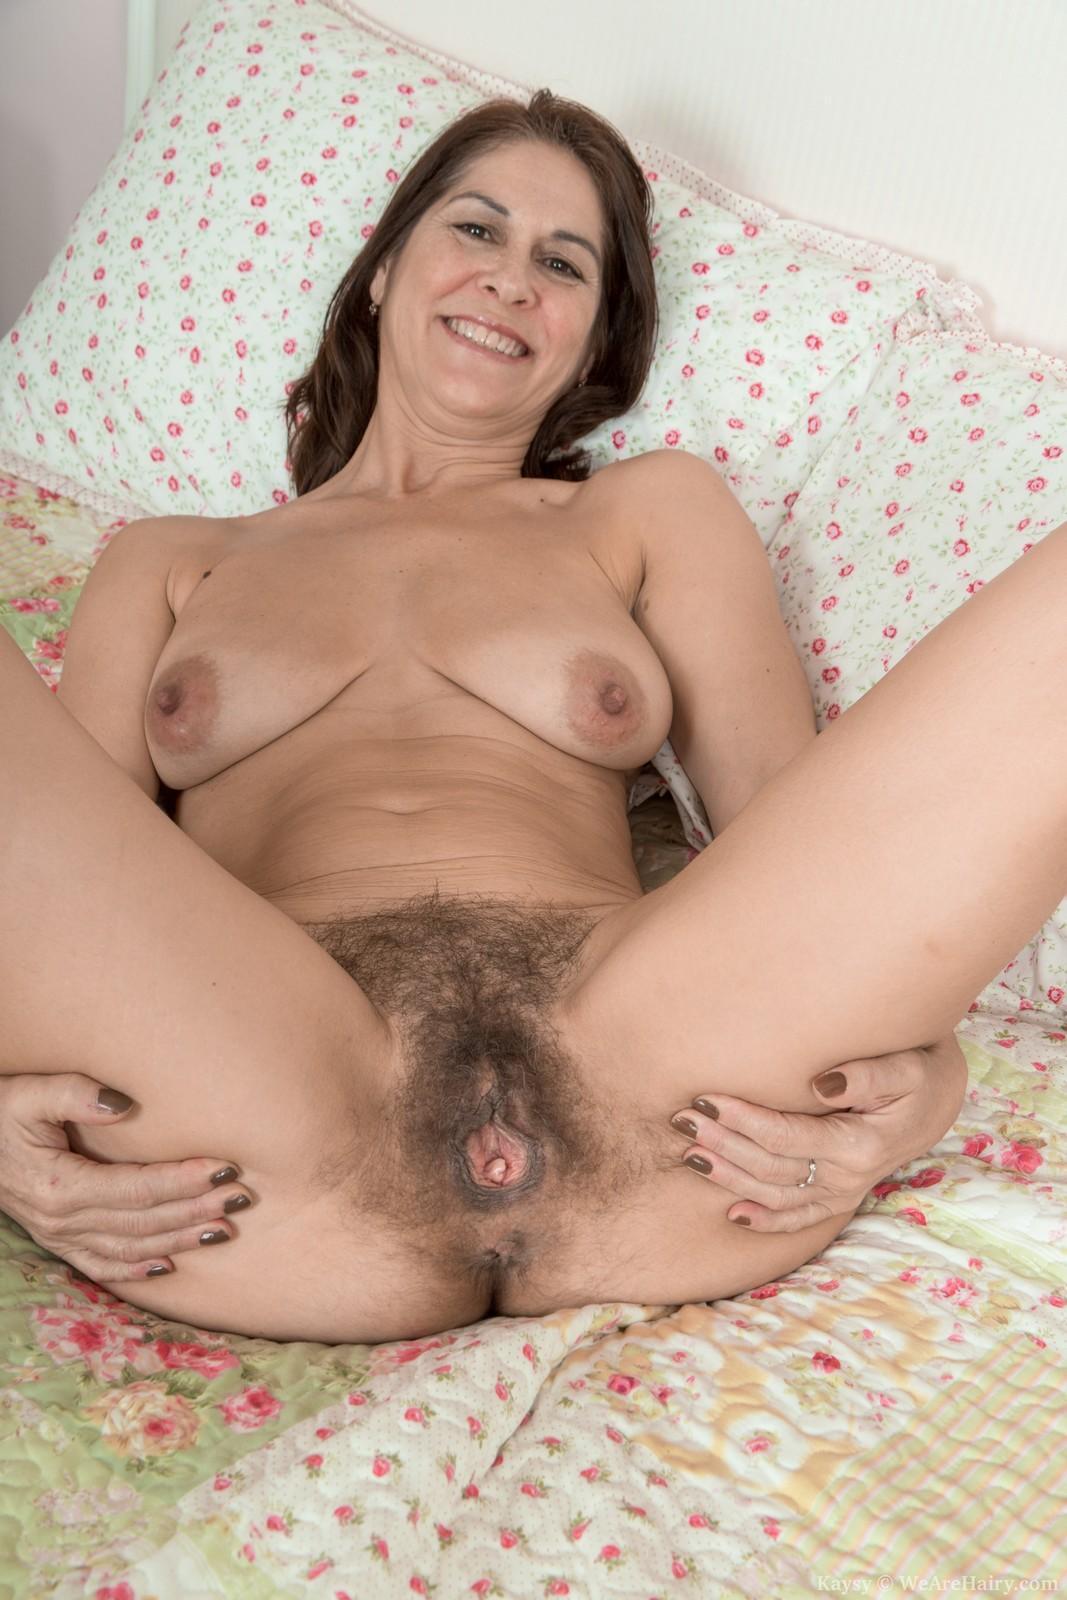 Hot girls using home made dildos